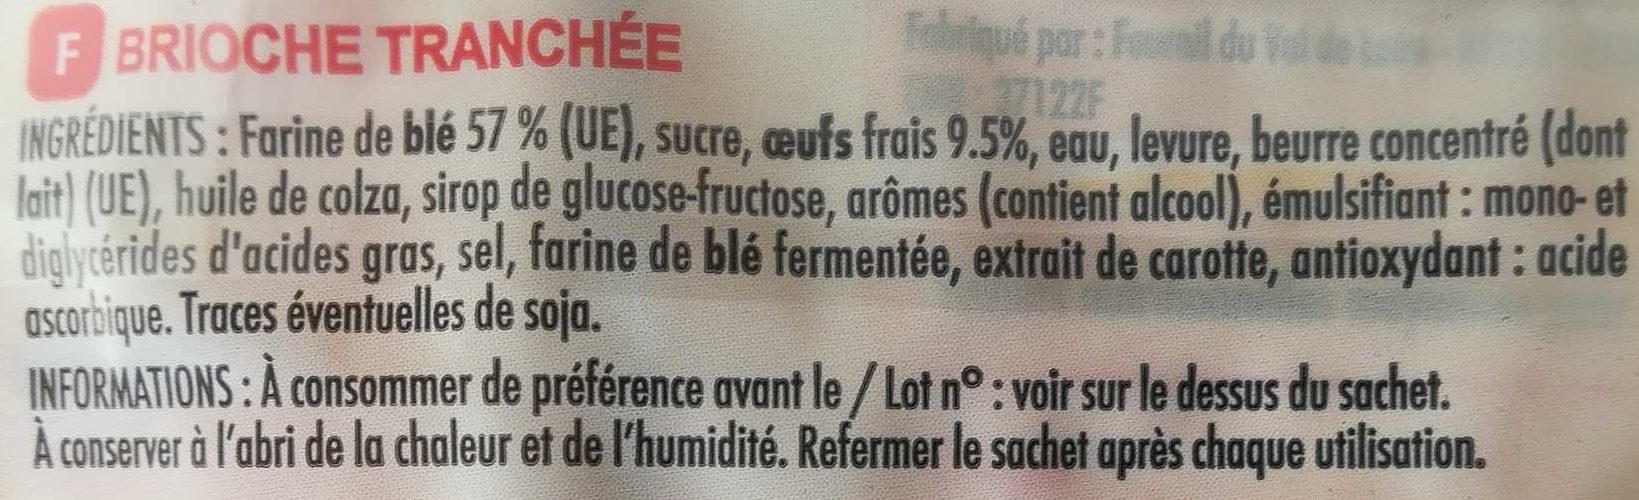 Lot de 3 Brioches Tranchées - Ingredients - fr